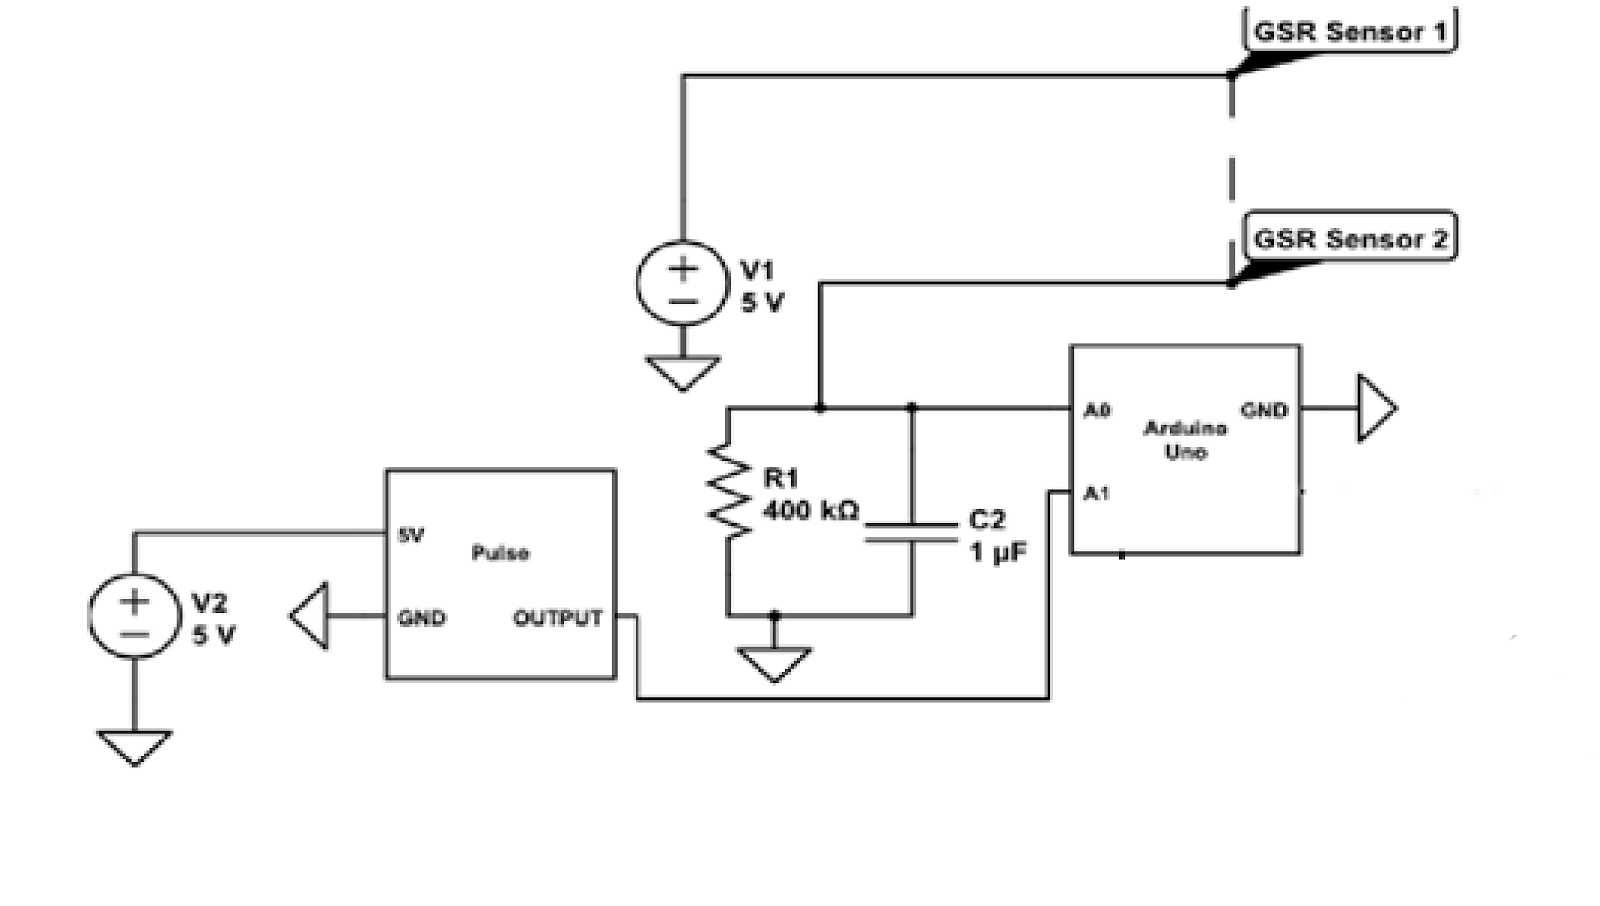 Mitsubishi Evo 3 Wiring Harness. Mitsubishi. Auto Wiring